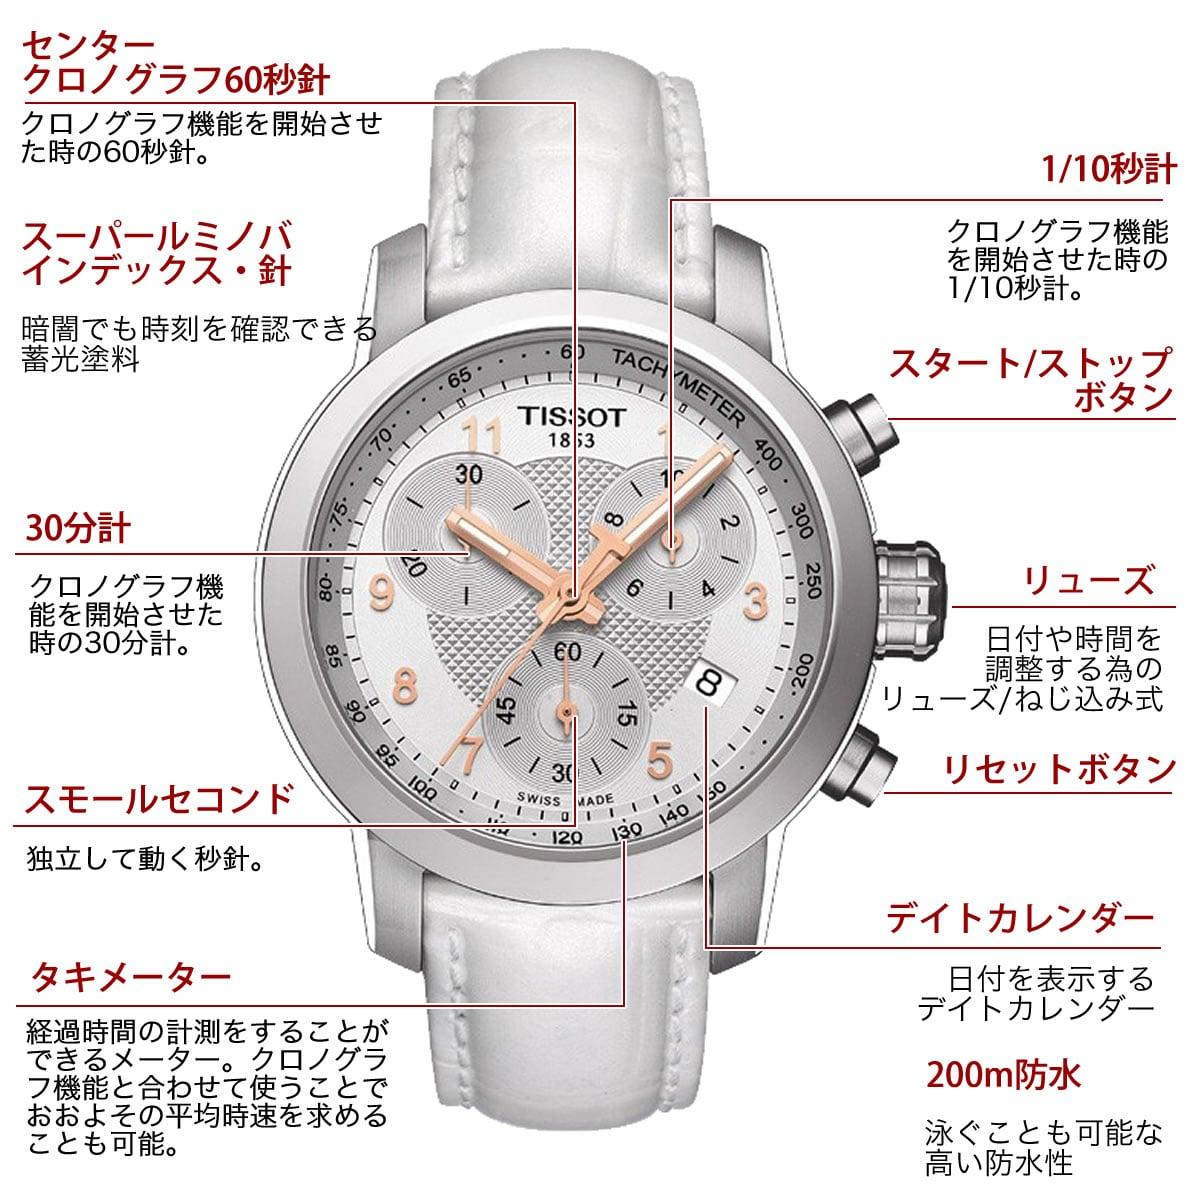 ティソ クォーツ クロノグラフ 女性用腕時計 t0970102611800